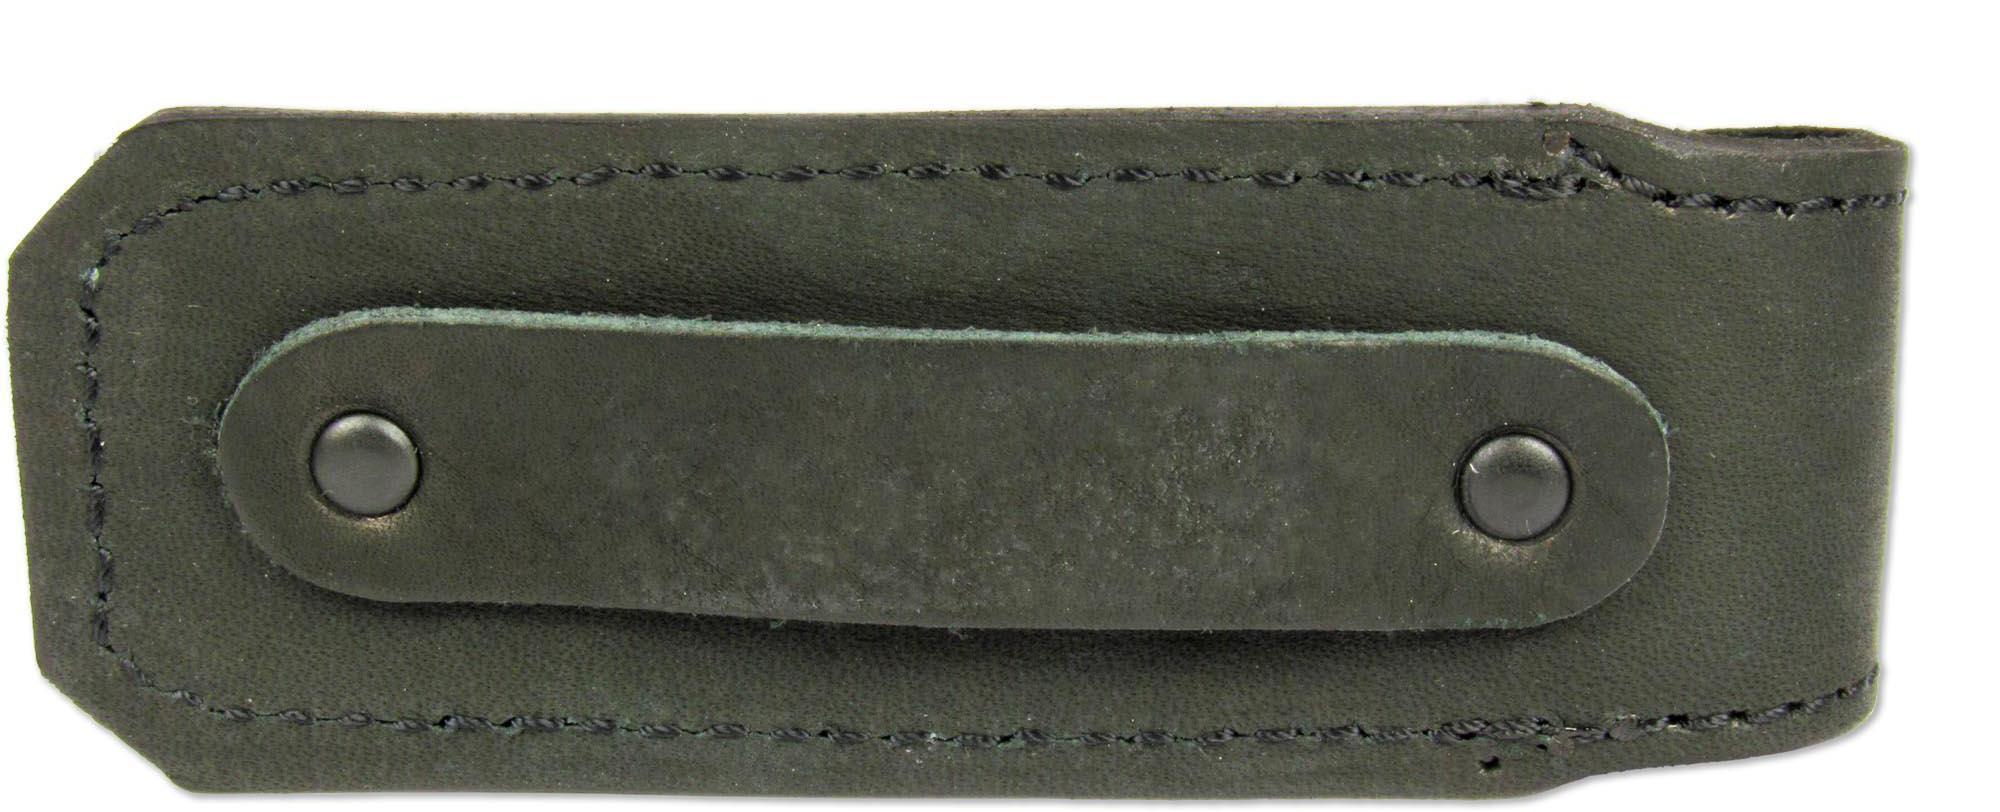 """Чехол """"Ножемир"""" - необходимое средство для надежного хранения и безопасной транспортировки ножа. Выполнен из натуральной кожи. Изделие можно повесить на ремень при помощи специальной петли."""